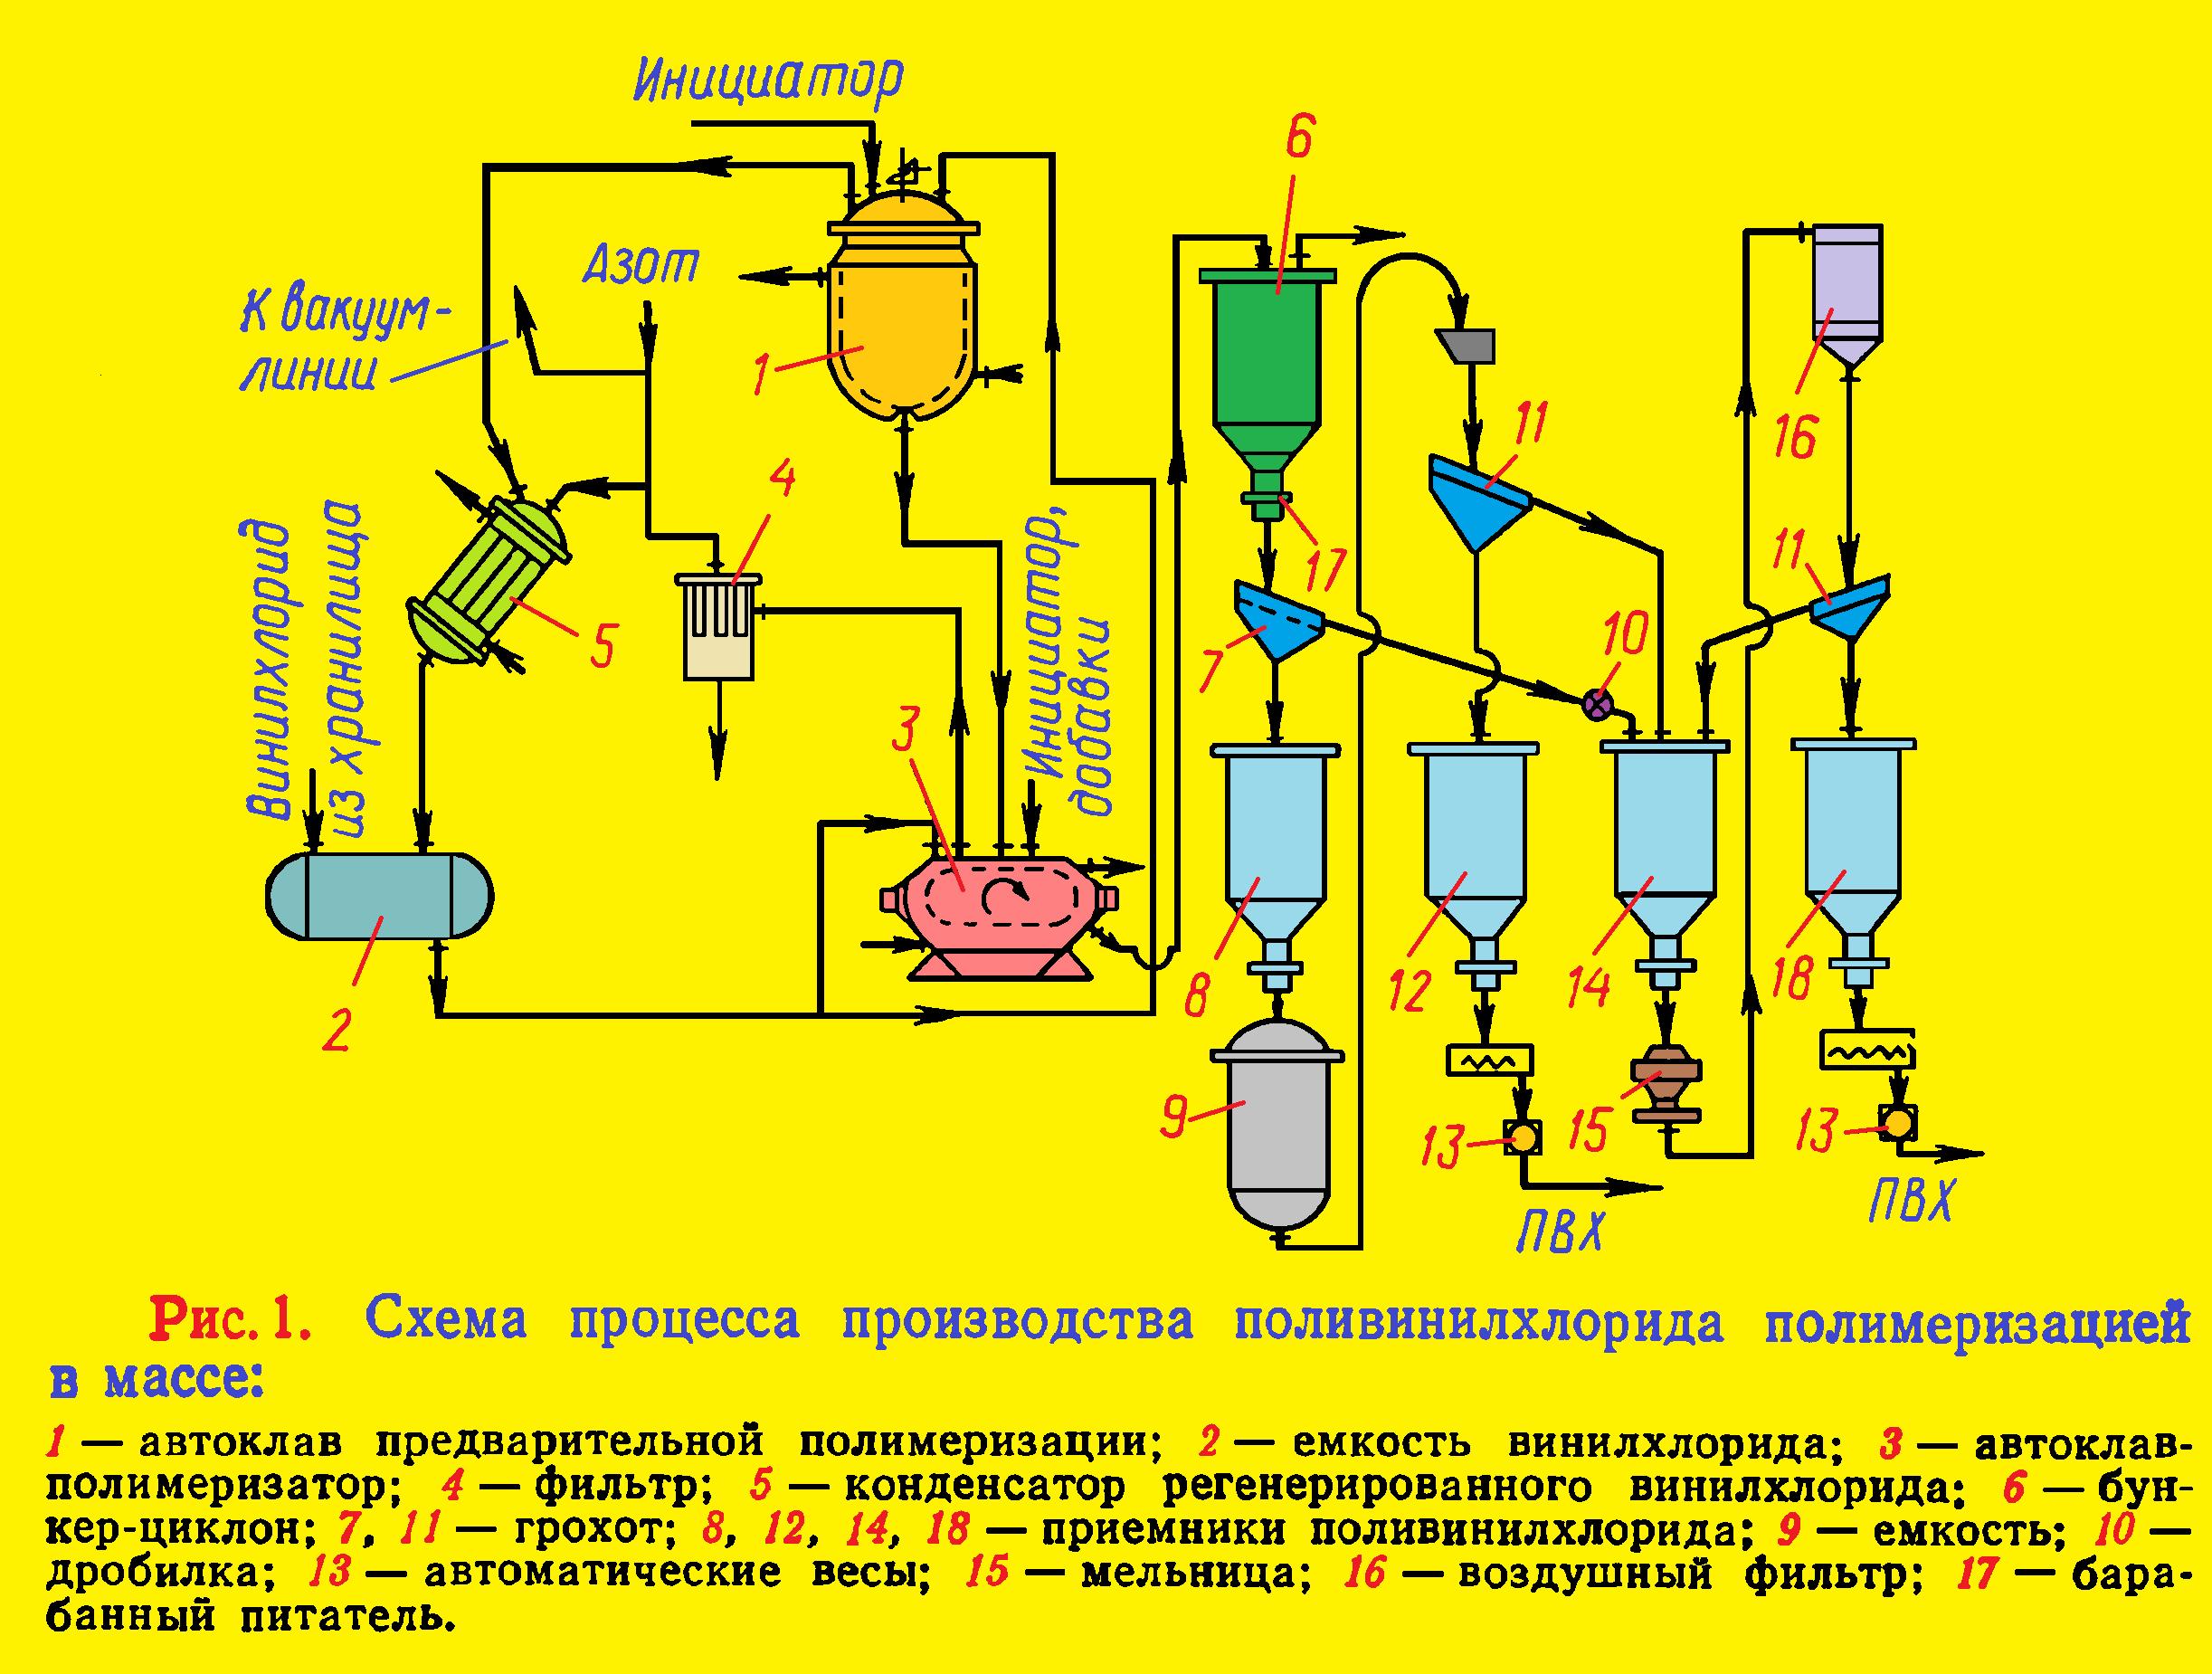 Схема процесса производства поливинилхлорида полимеризацией в массе